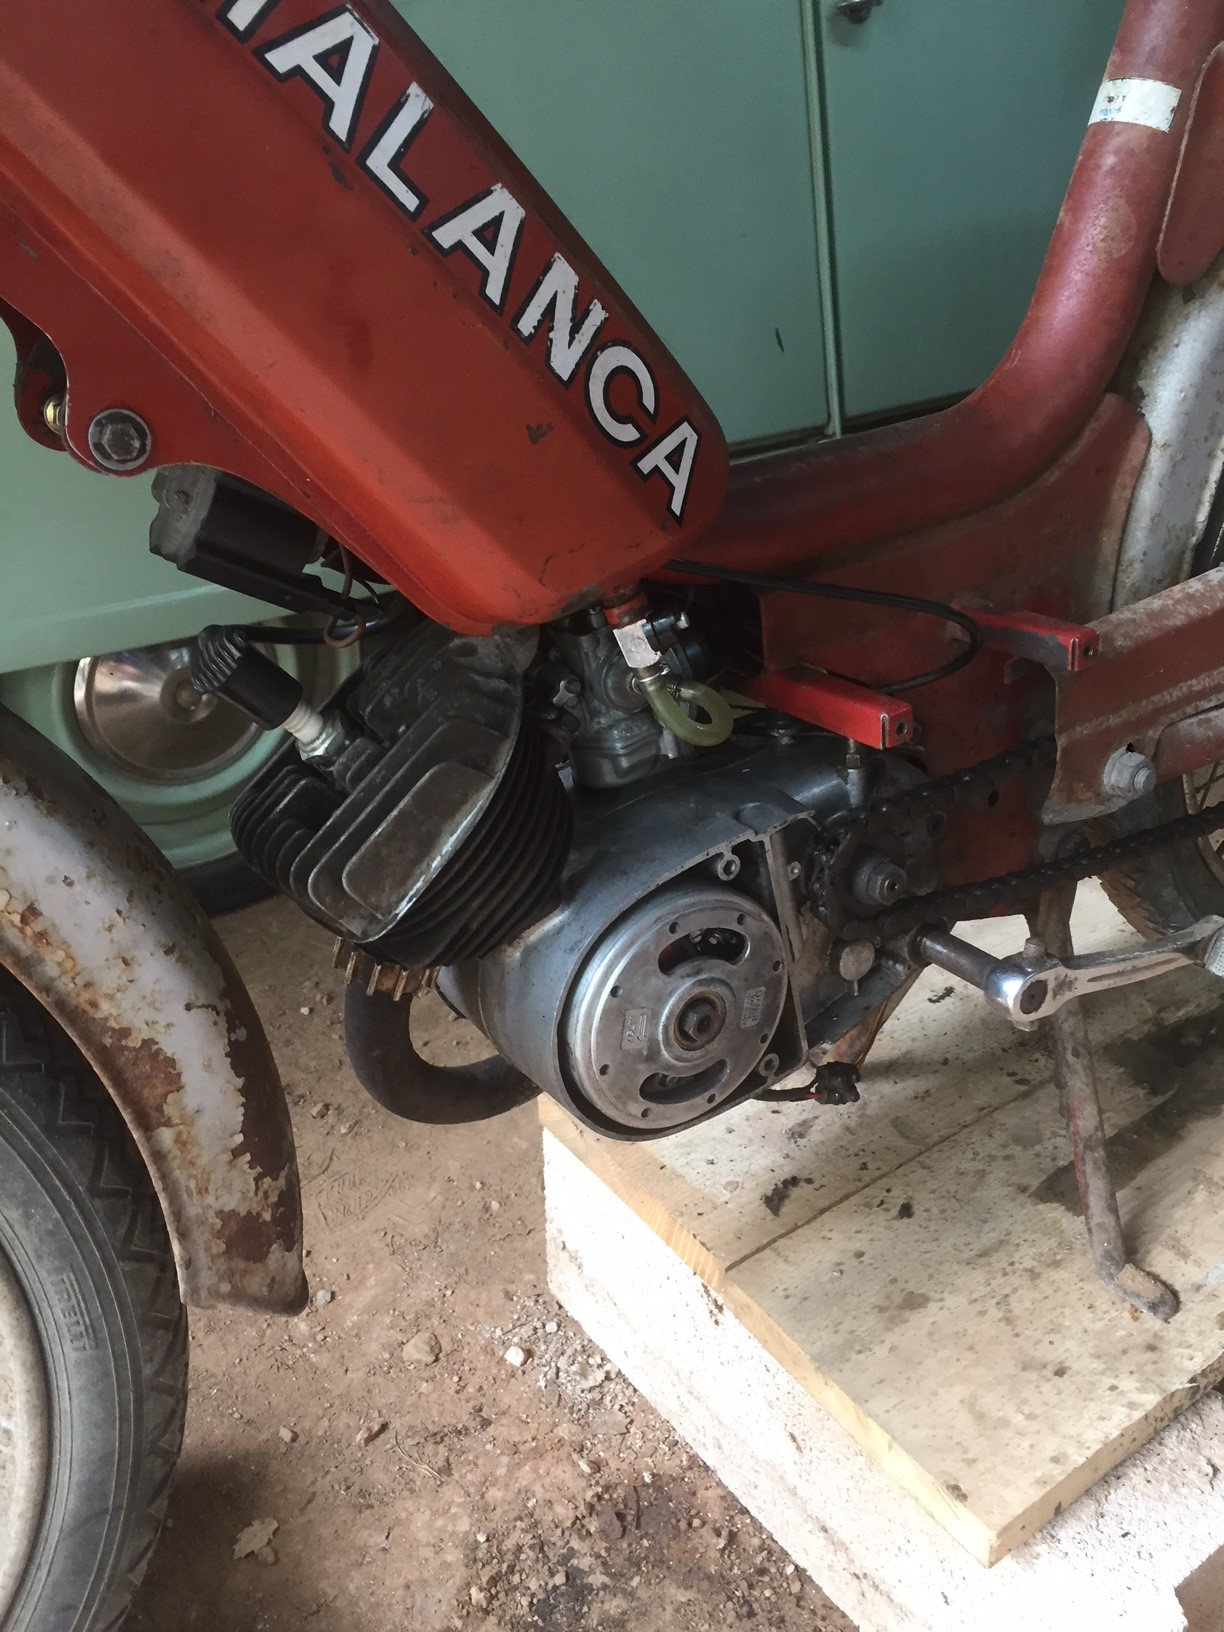 Cyclo Malanca Img_6022